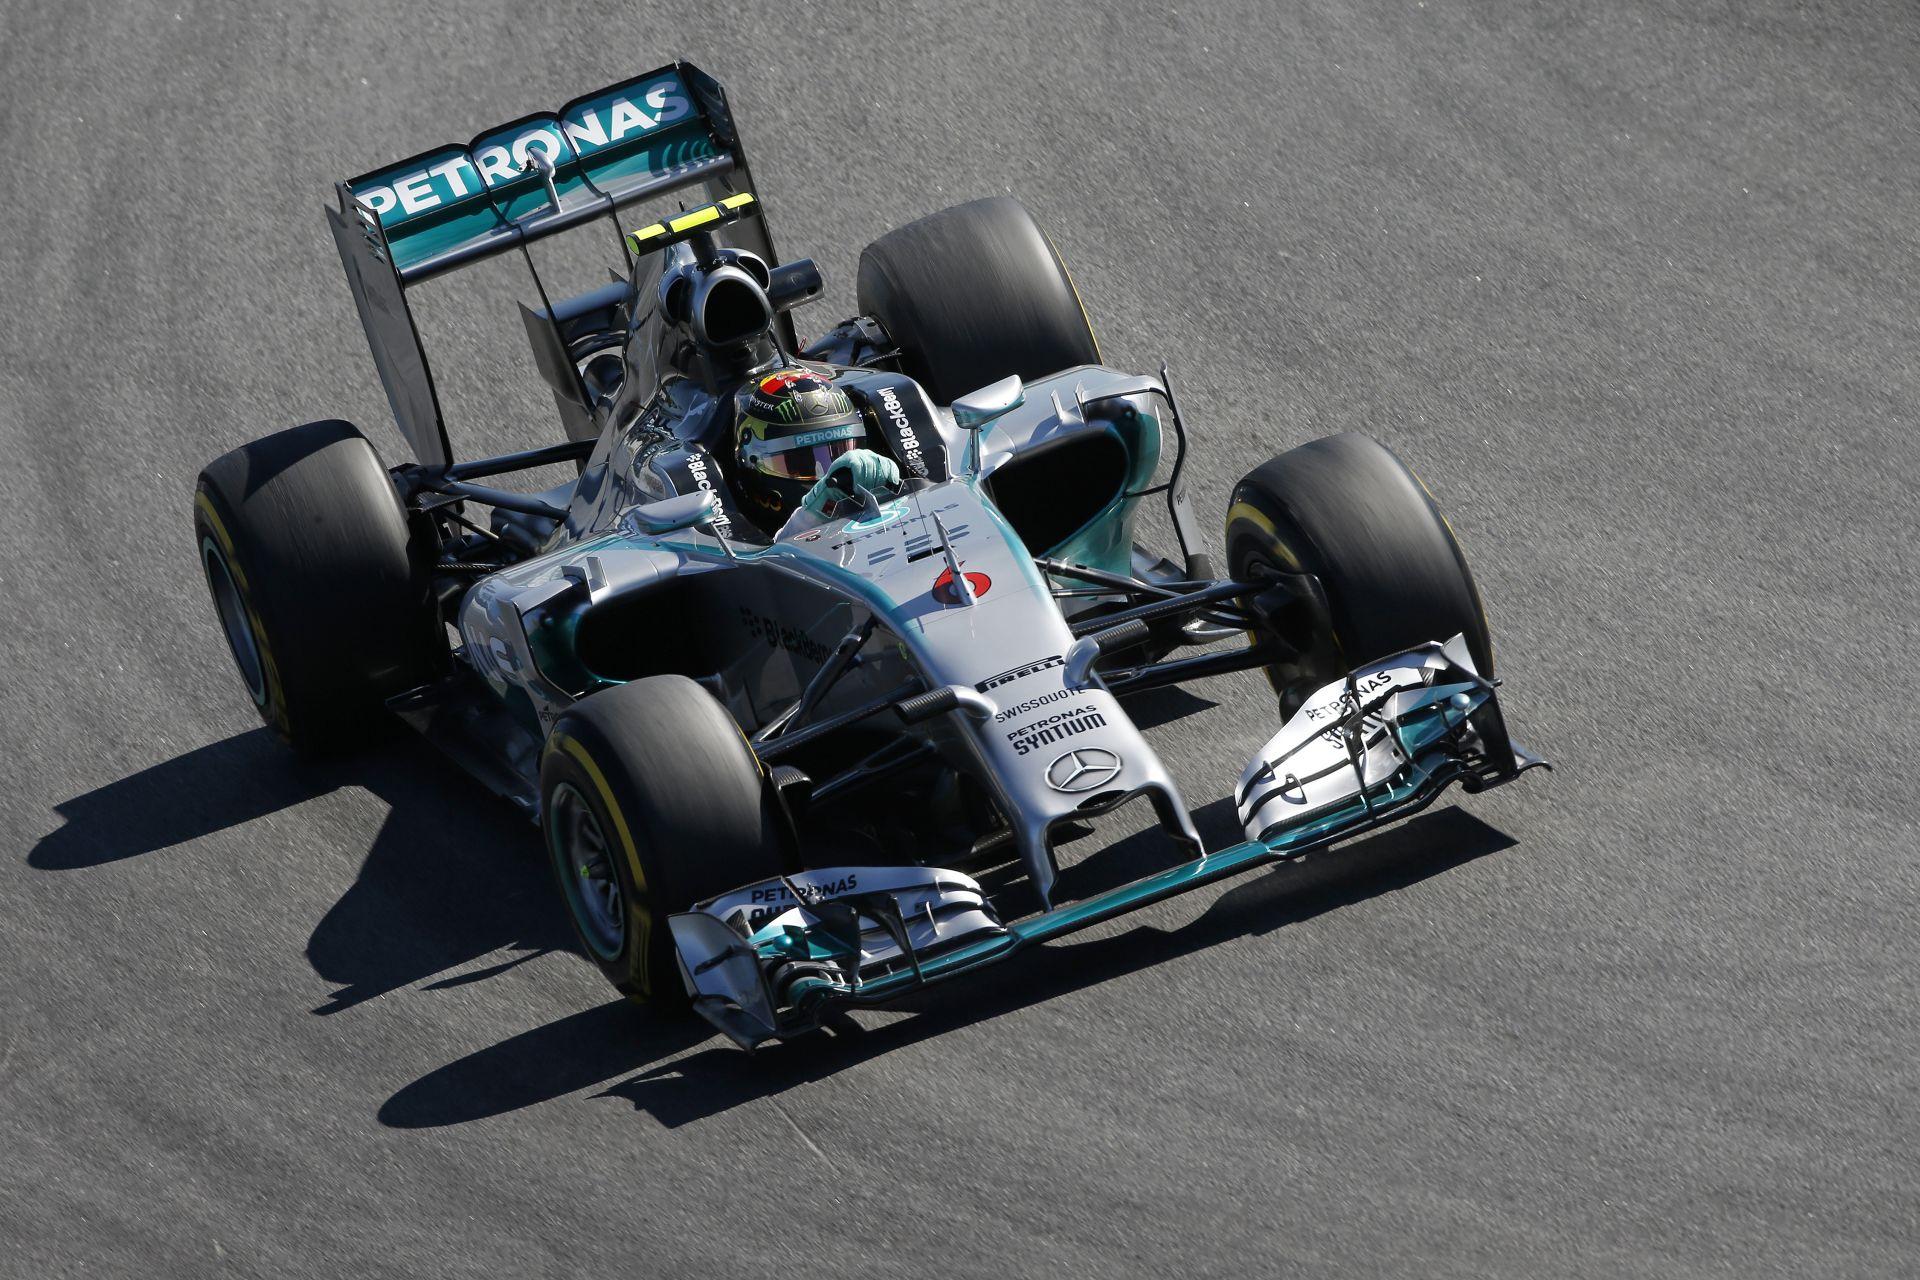 Hamilton csúnyát bukott az időmérőn! Rosberg simán nyert Bottas és Massa előtt! Raikkönen még a Q3-ba sem jutott be a Ferrarival